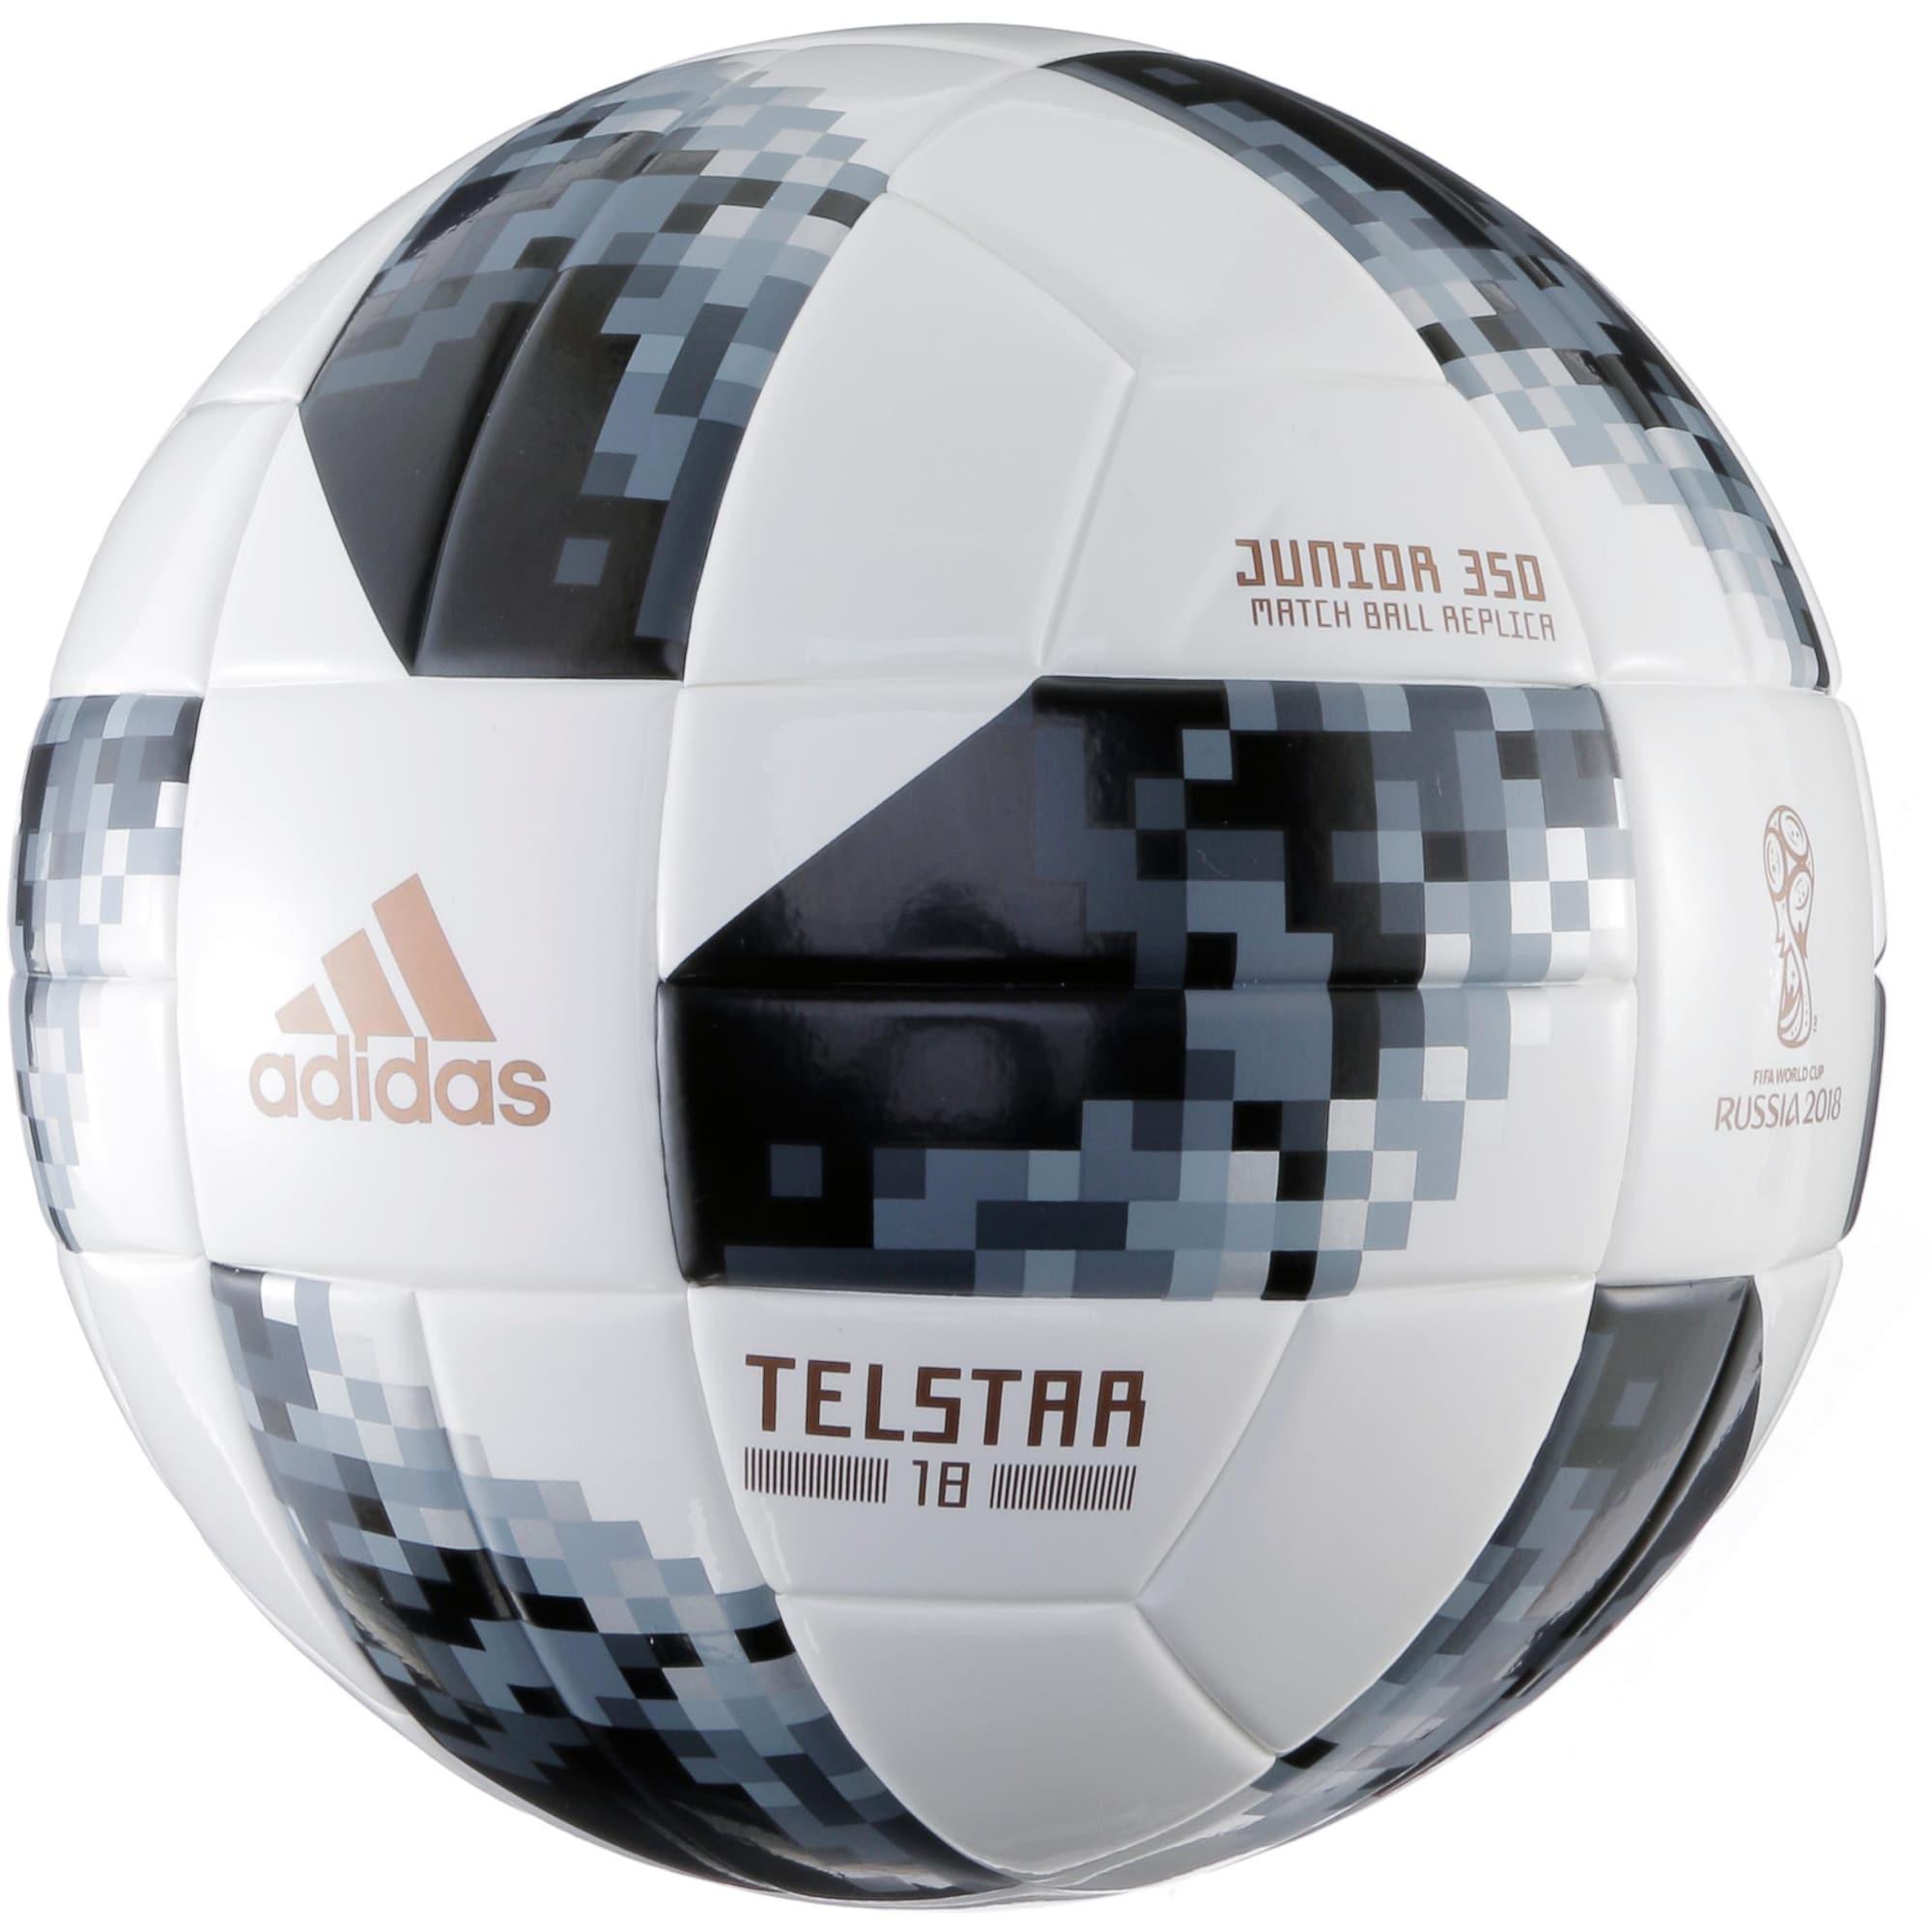 Fußball ´World Cup J350 Telstar 18´